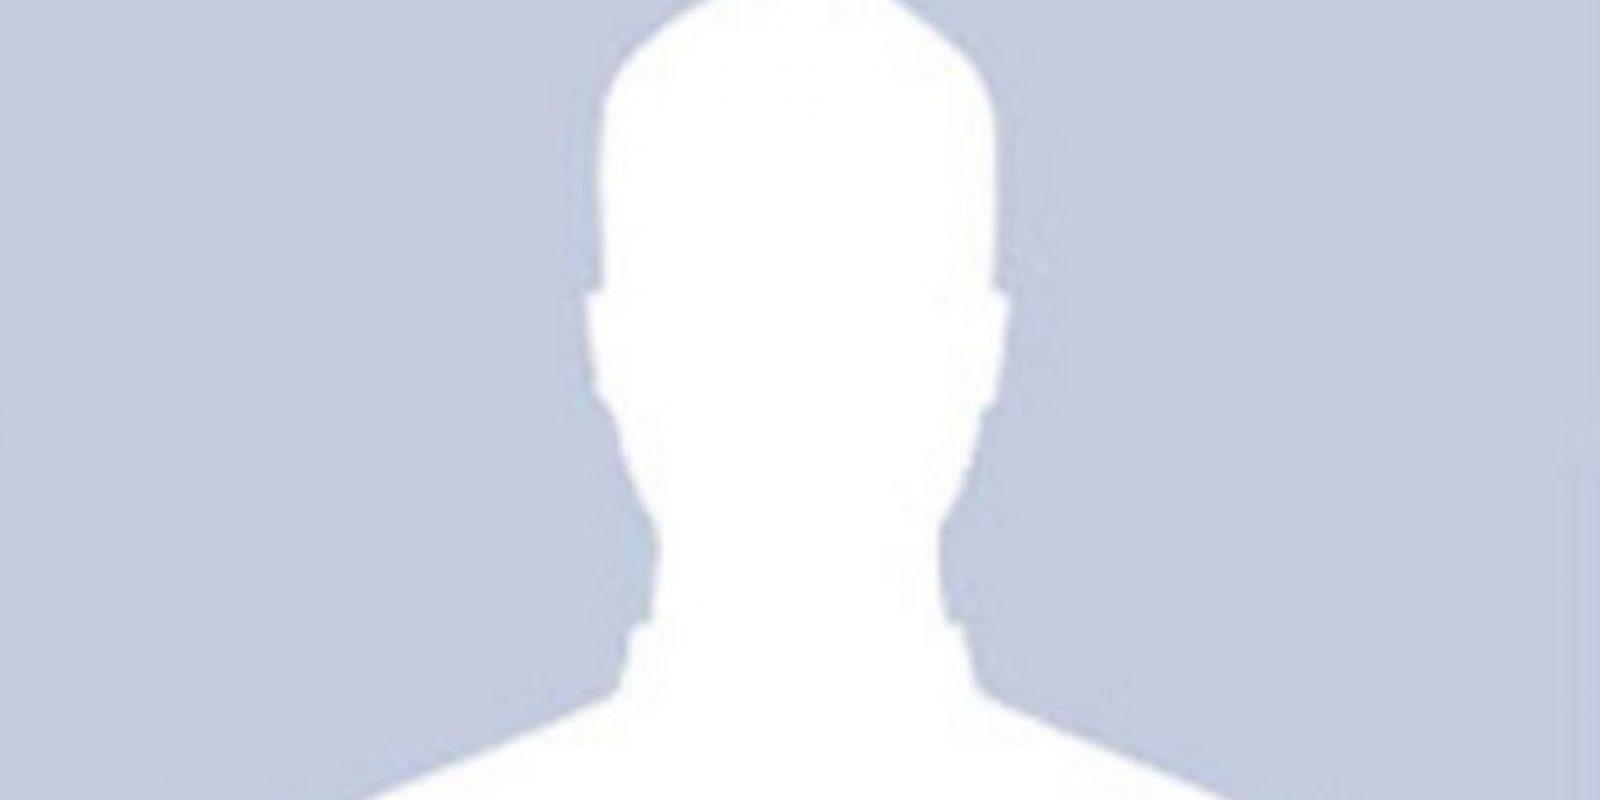 Próximamente podrán decidir la foto de perfil de sus contactos en WhatsApp. Foto:vía Tumblr.com